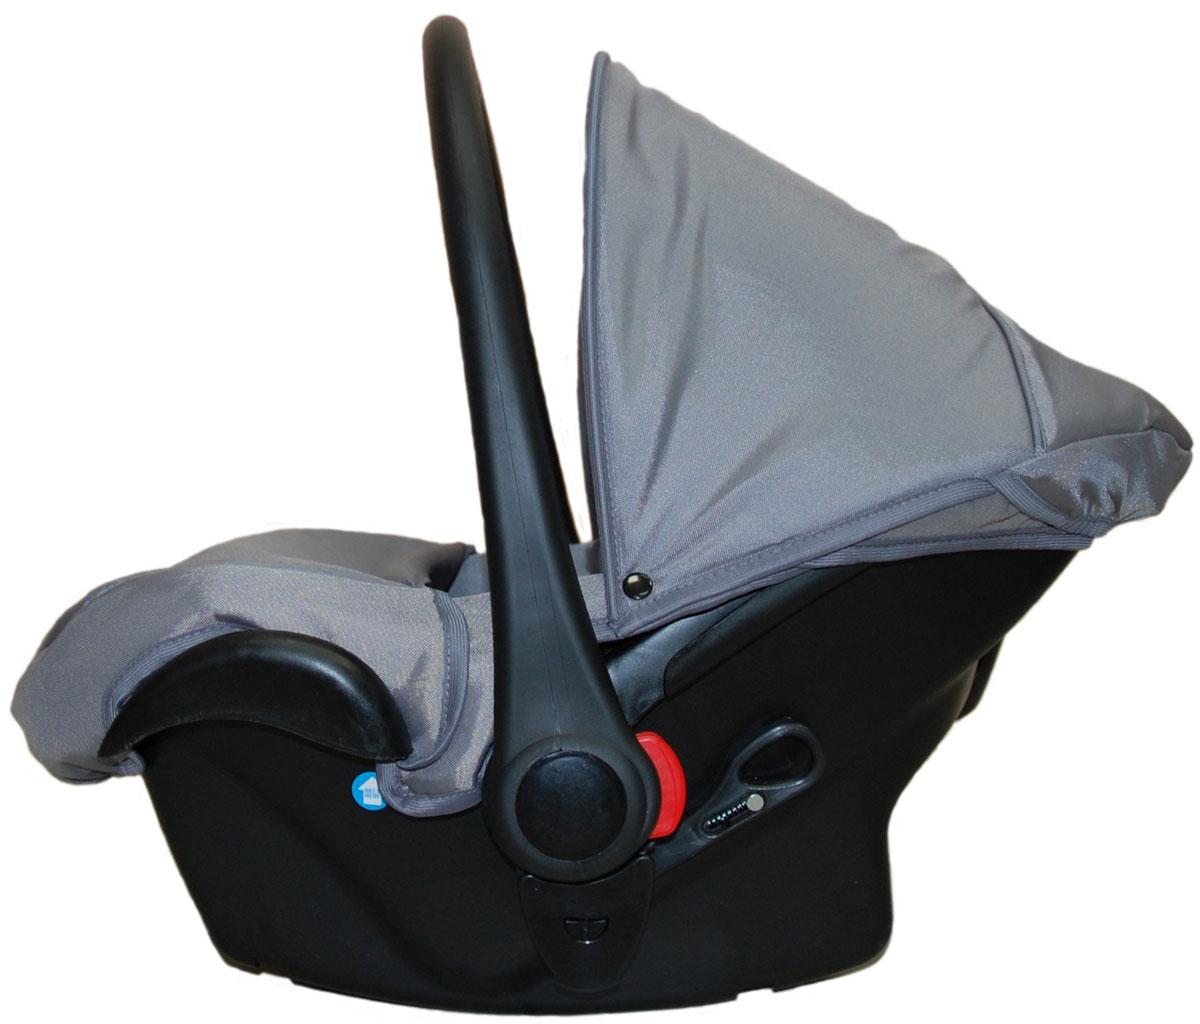 Lonex Автокресло цвет серый от 0 до 13 кг F-39F-39Очень лёгкоеавтокресло Lonexподойдет для любого автомобиля.Для малышей до 1 года (от 0 до 13 кг (группа 0+). Анатомическая подушечка создает комфорт малышу. Отстегивающийся козырек защитит ребенка от солнца, а теплая накидка на ножки обеспечит комфорт в прохладную погоду. Возможно установка горизонтального положения спинки. В кресле для малышей существует три надежных ремня безопасности со специальными накладками, которые не будут натирать нежную кожу ребенка. Данное автокресло возможно установить на все шасси колясок Lonex 2 в 1.